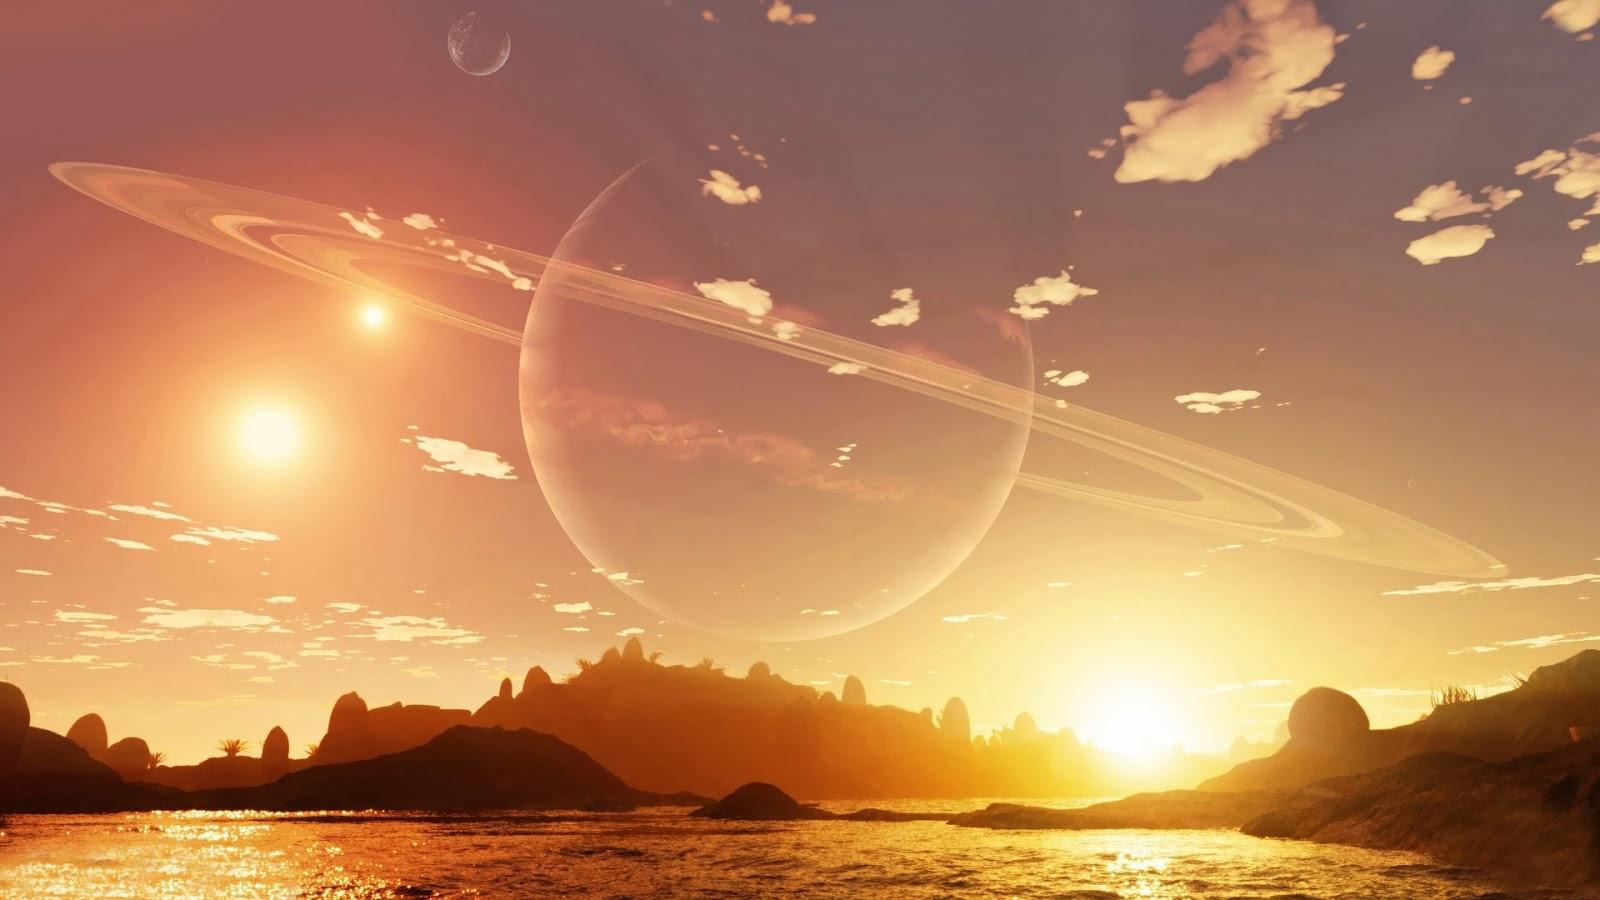 صور غروب الشمس احلي صور الغروب بجودة HD (5)